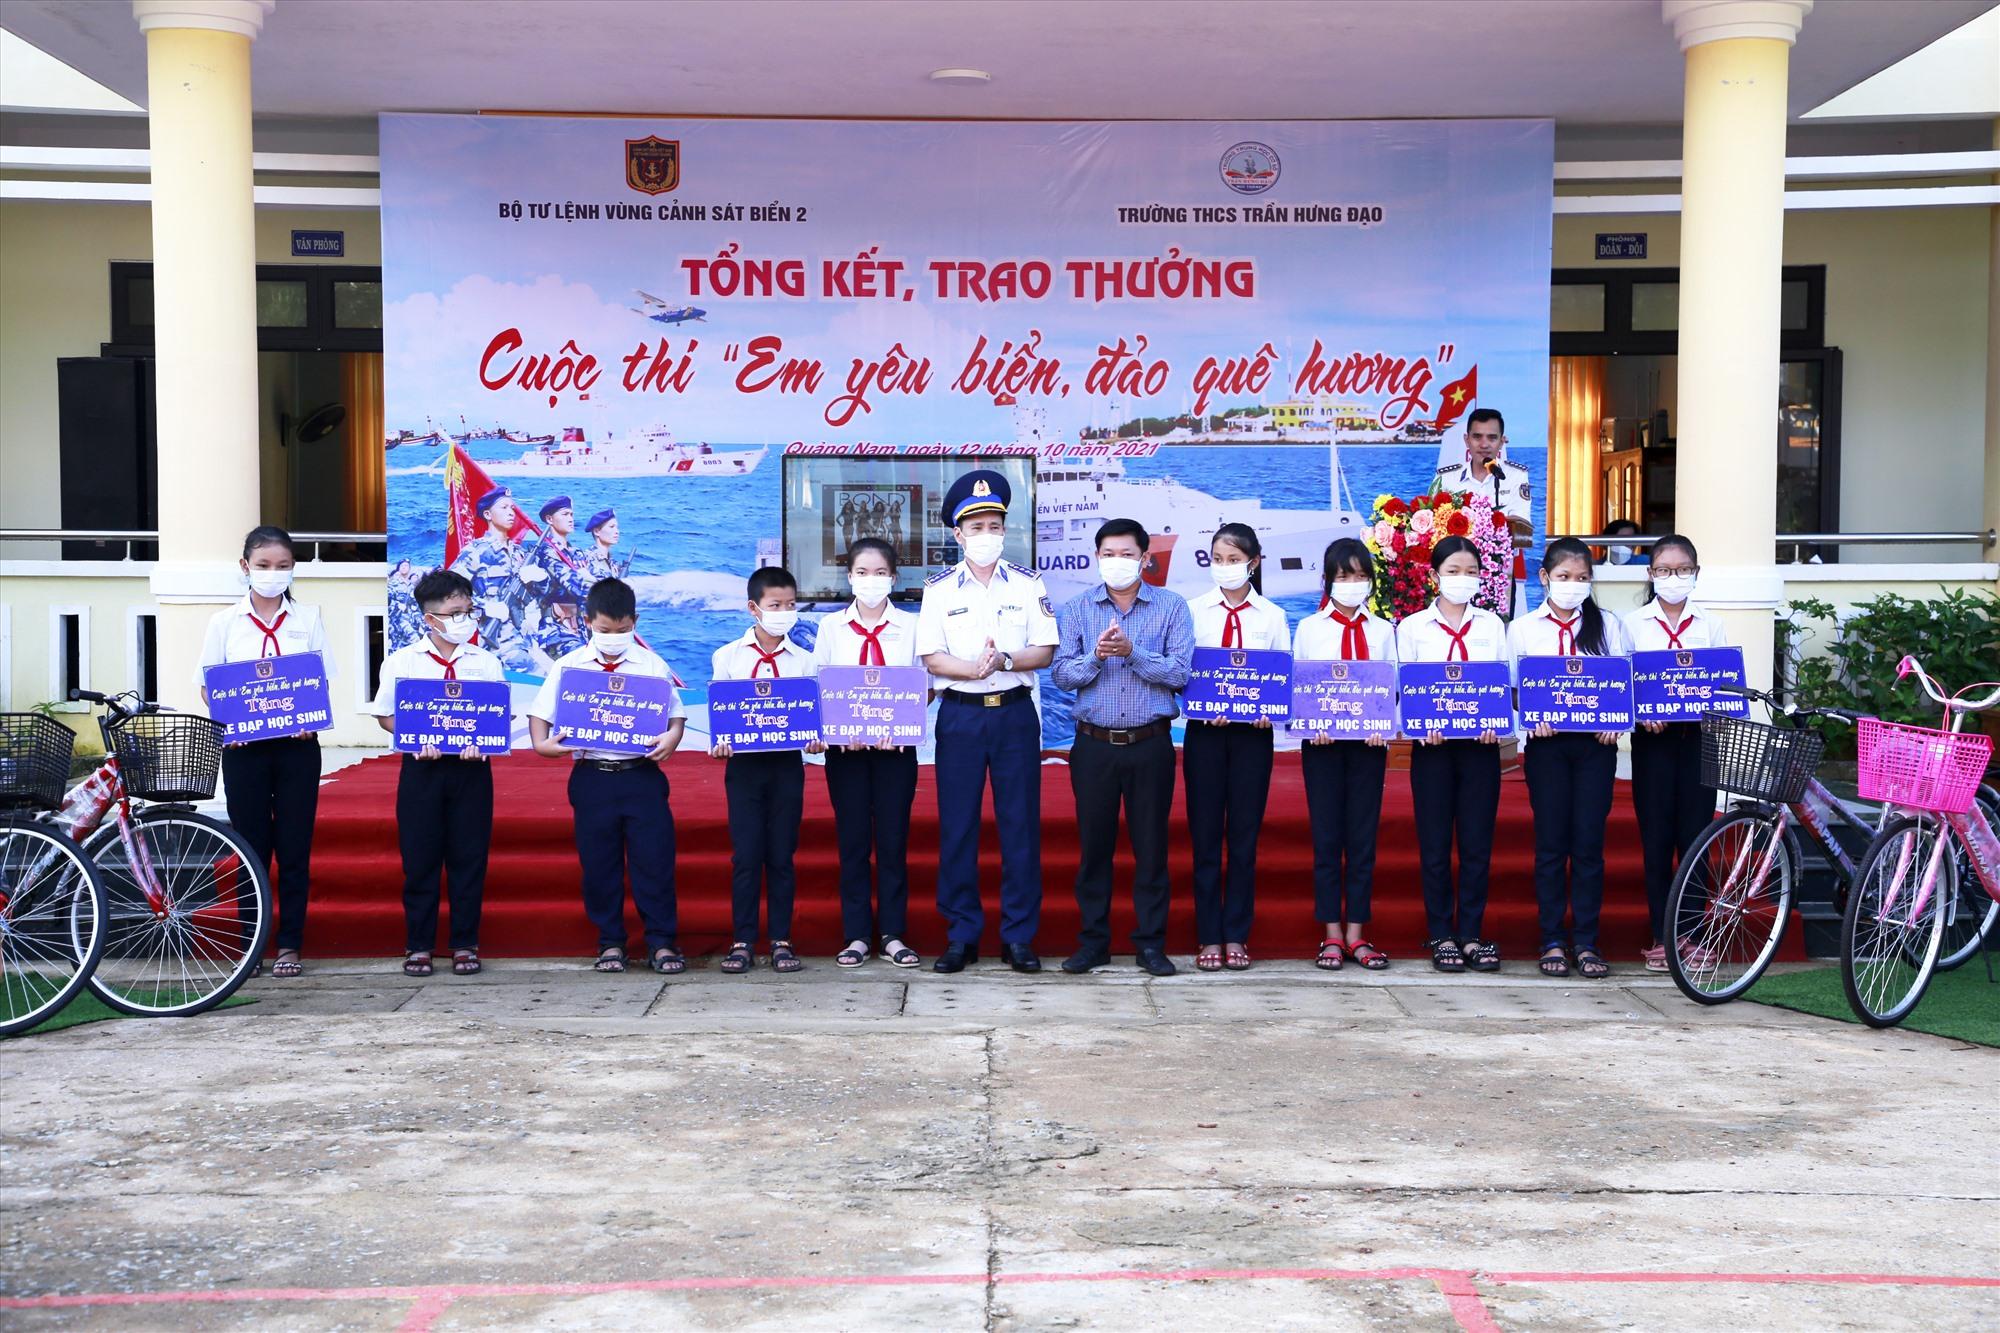 Bộ Tư lệnh Vùng Cảnh sát biển 2 trao 10 xe đạp và 10 suất học bổng hỗ trợ học sinh Trường THCS Trần Hưng Đạo. Ảnh: T.C